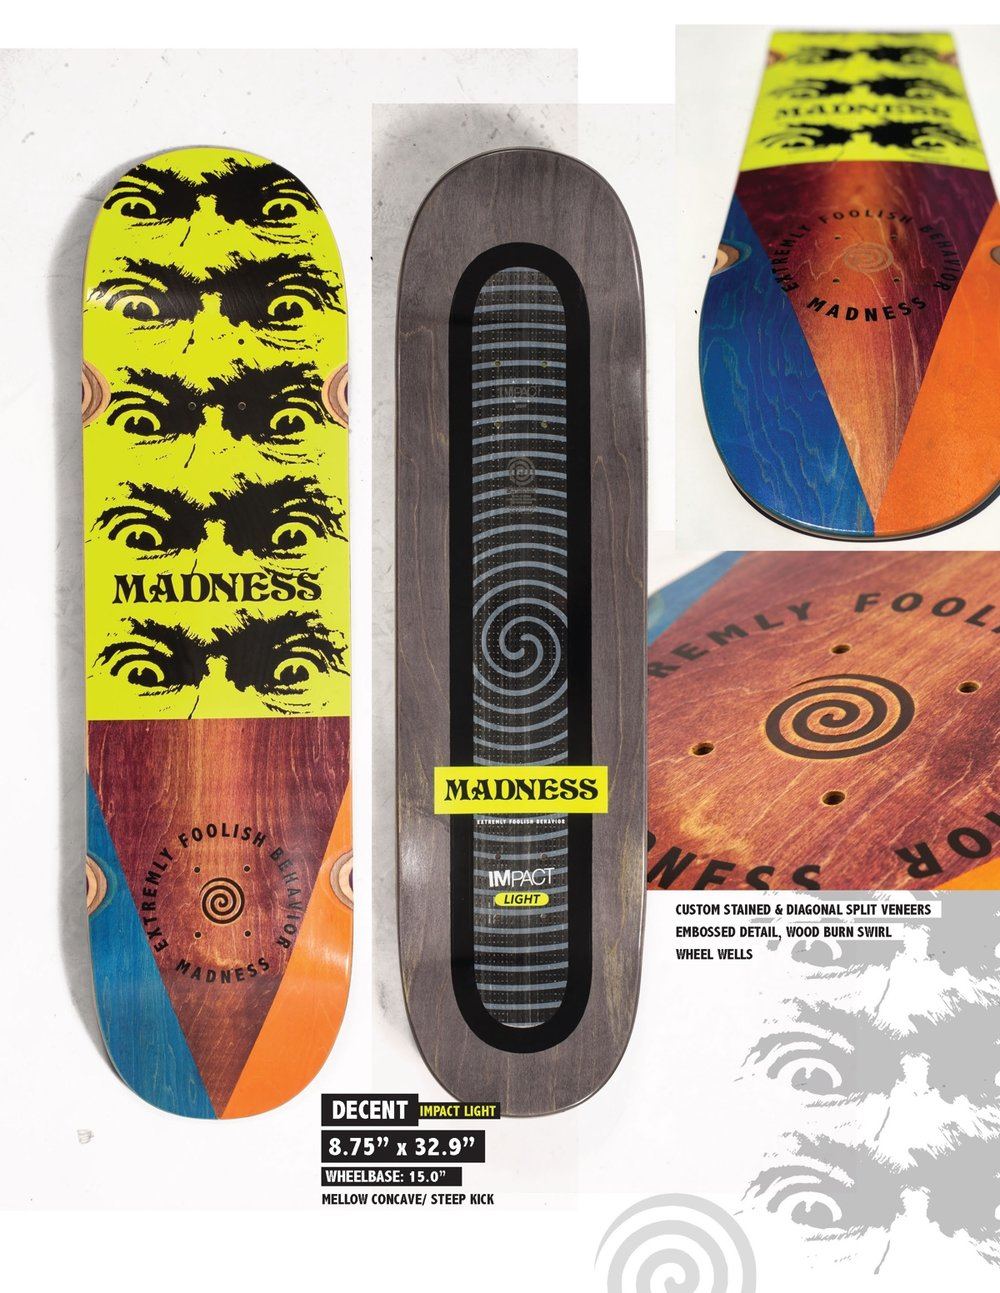 MADNESS Decent 8.75 Impact Light Skateboard Deck